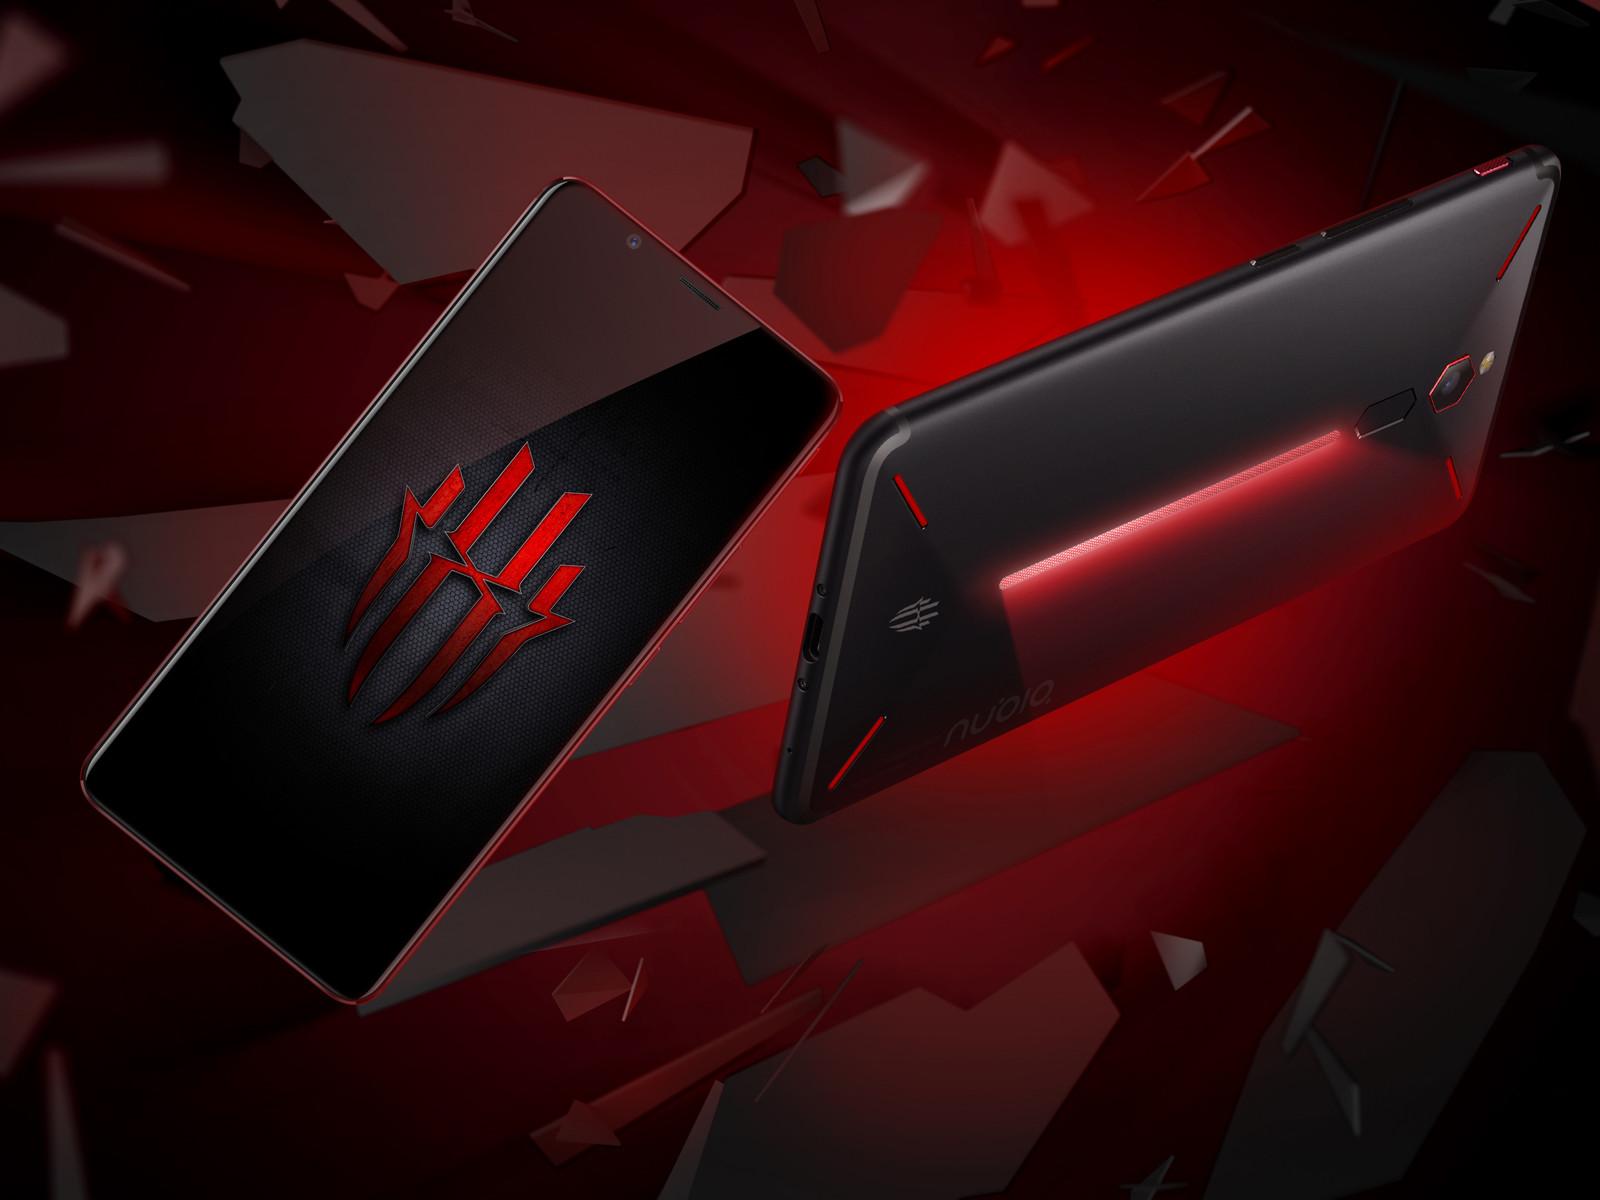 努比亚红魔电竞游戏手机(64GB)整体外观第1张